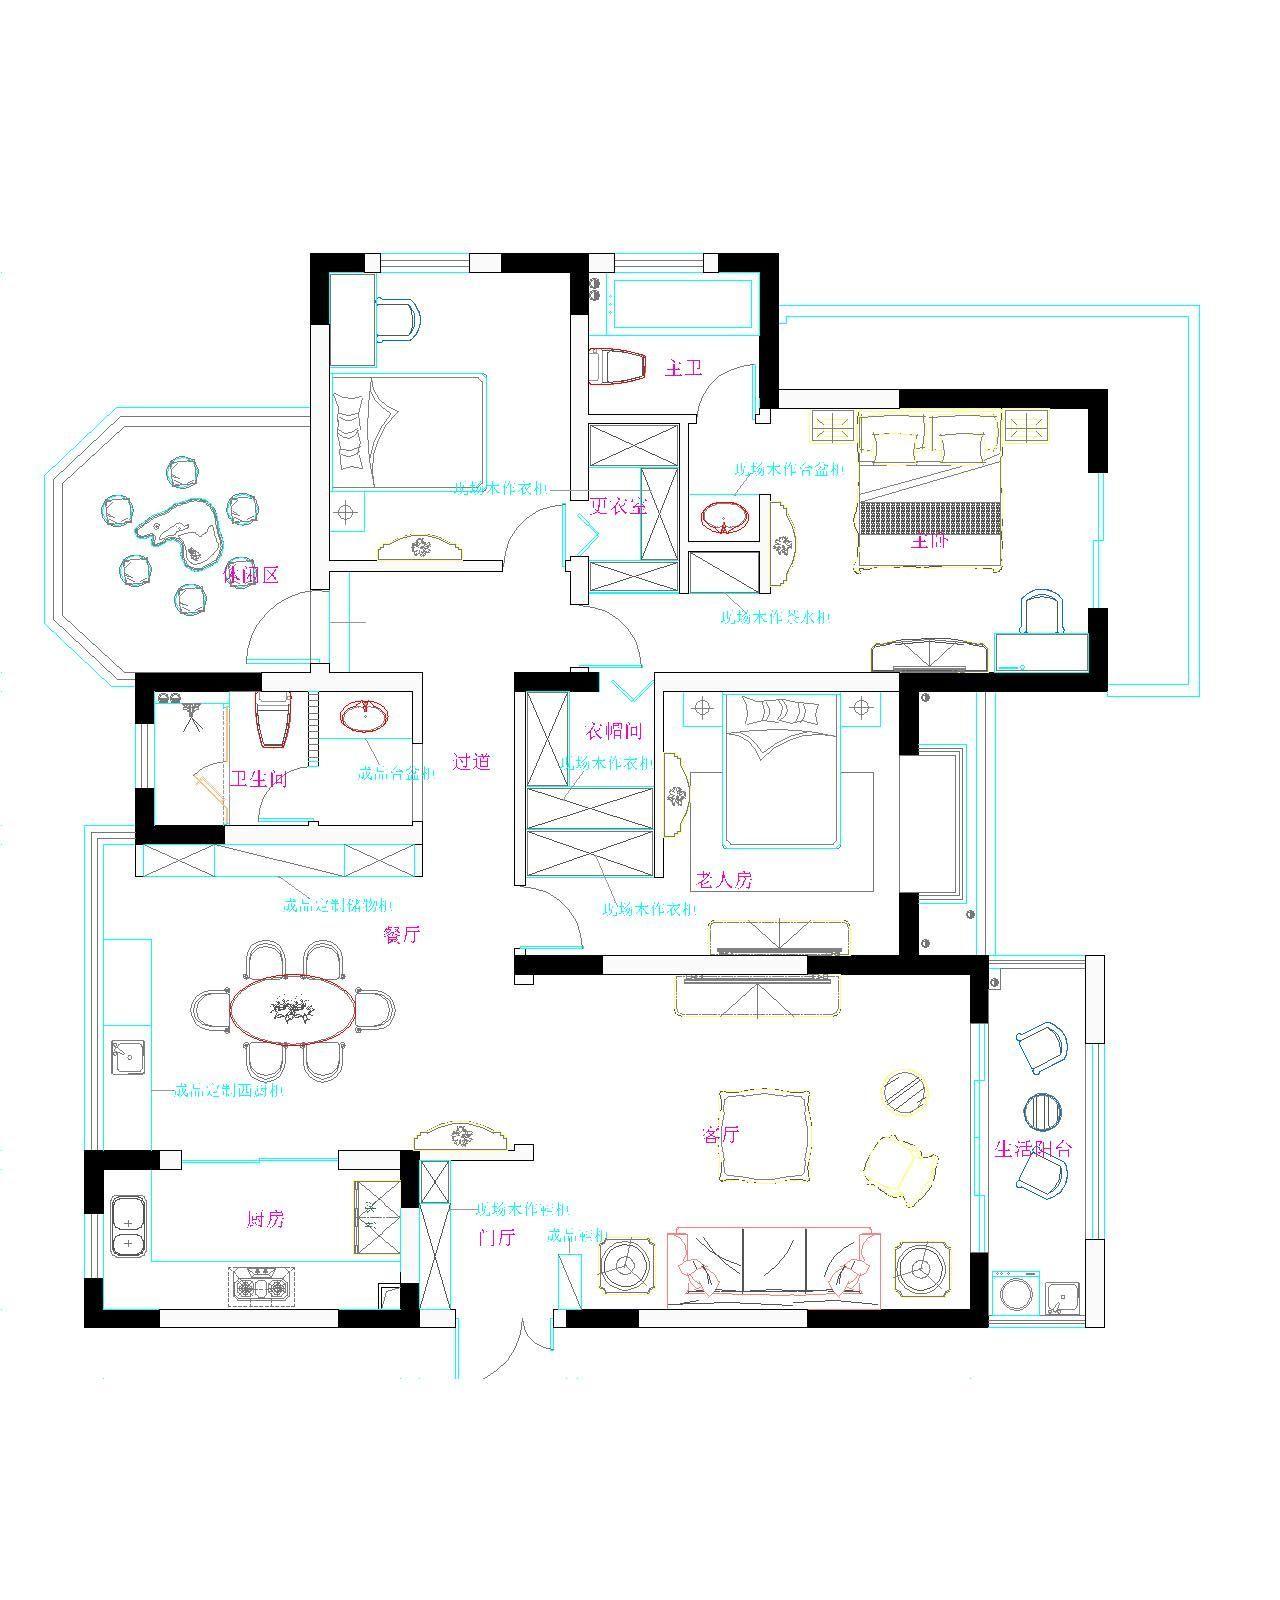 户型图 以上荣信虹桥世嘉小区160平米的简欧设计案例是你喜欢的吗?